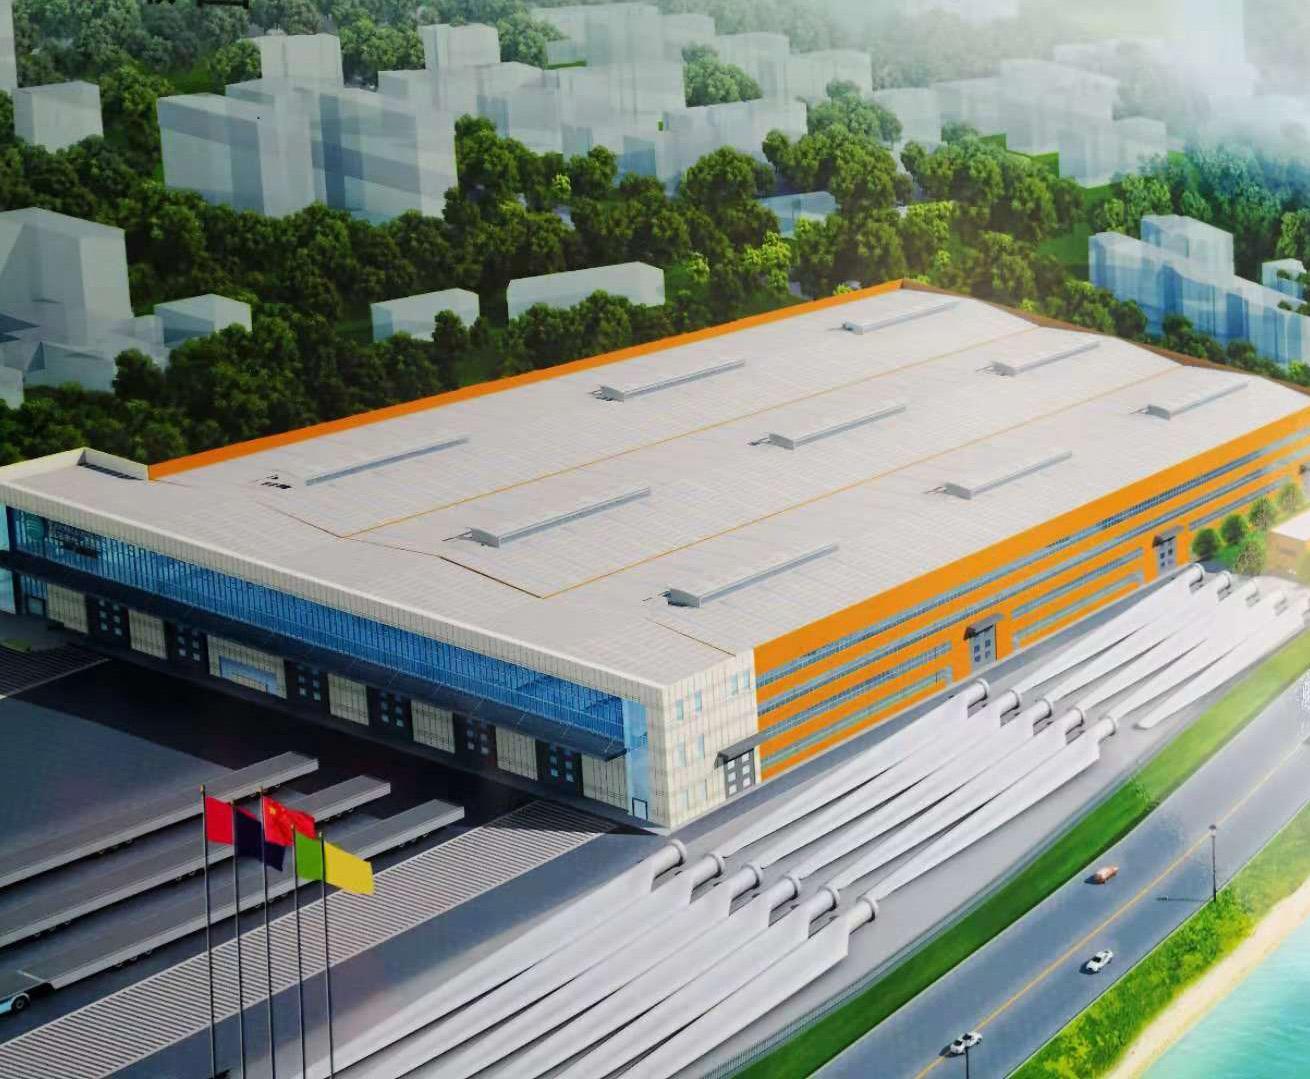 阳江高新区明阳风机装备制造叶片厂 中悬窗电动排烟窗